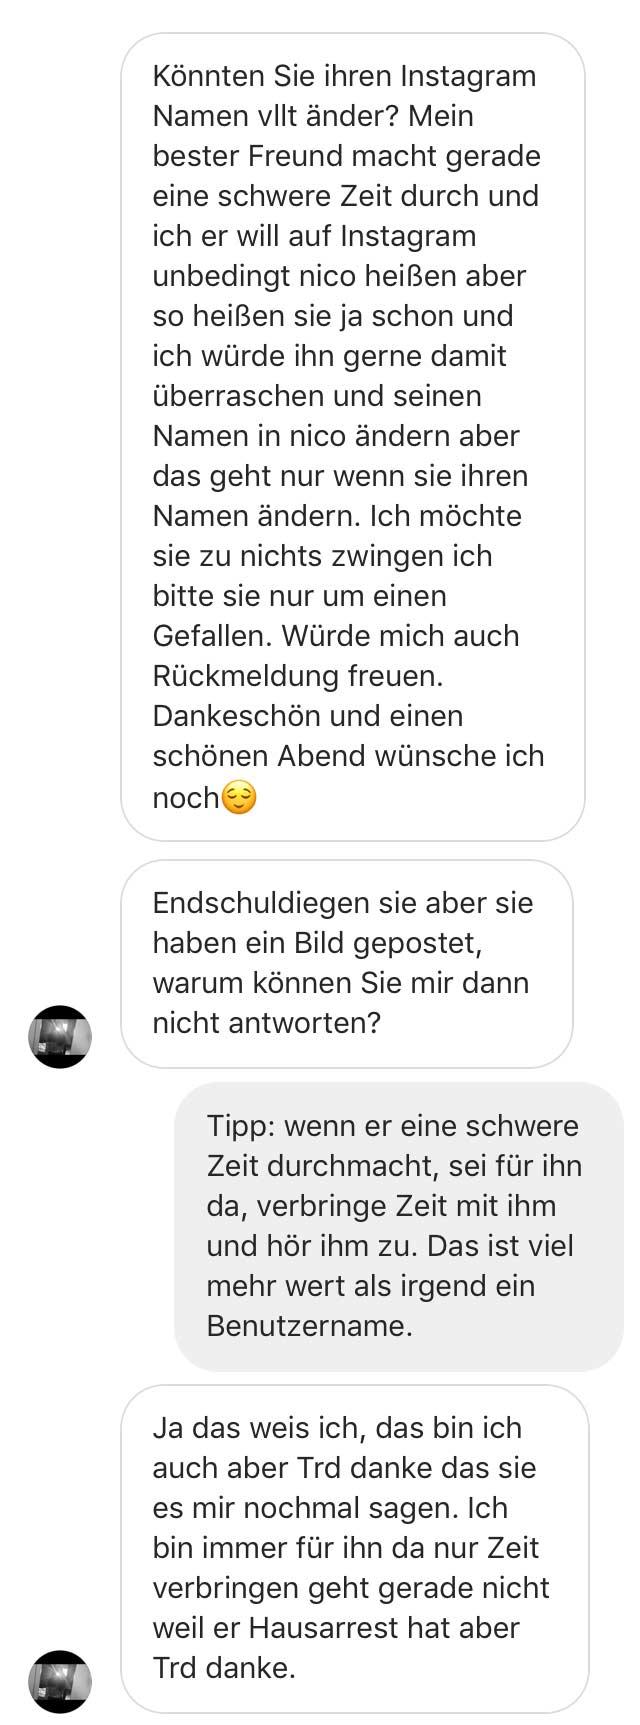 Instagrammer @Nico sammelt Anfragen zu seinem Benutzernamen can-i-have-your-instagram-name_04